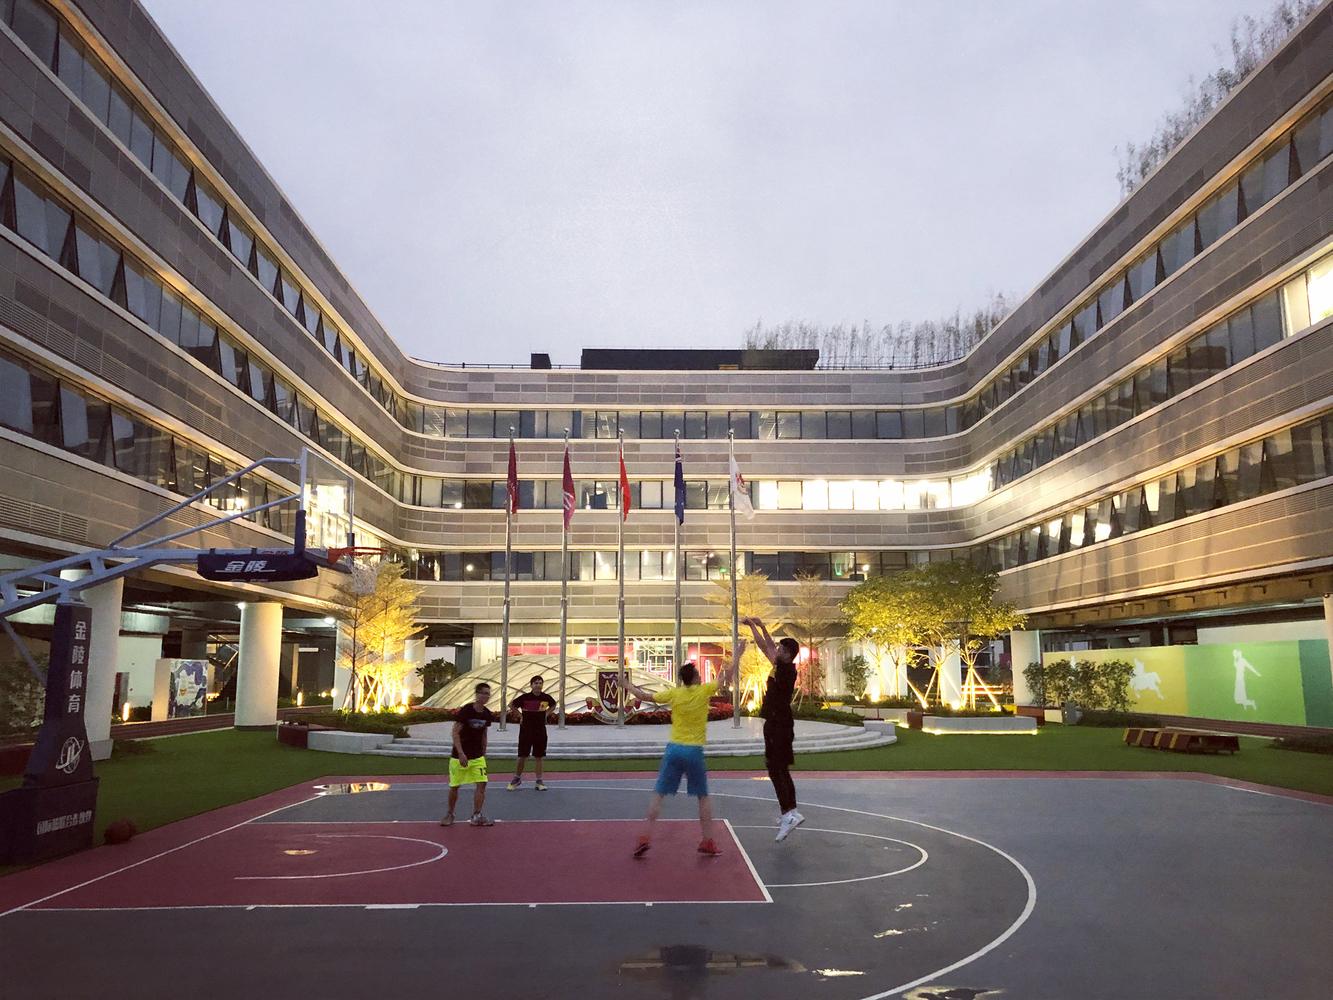 广州天河万科广场建筑设计 / 坊城设计